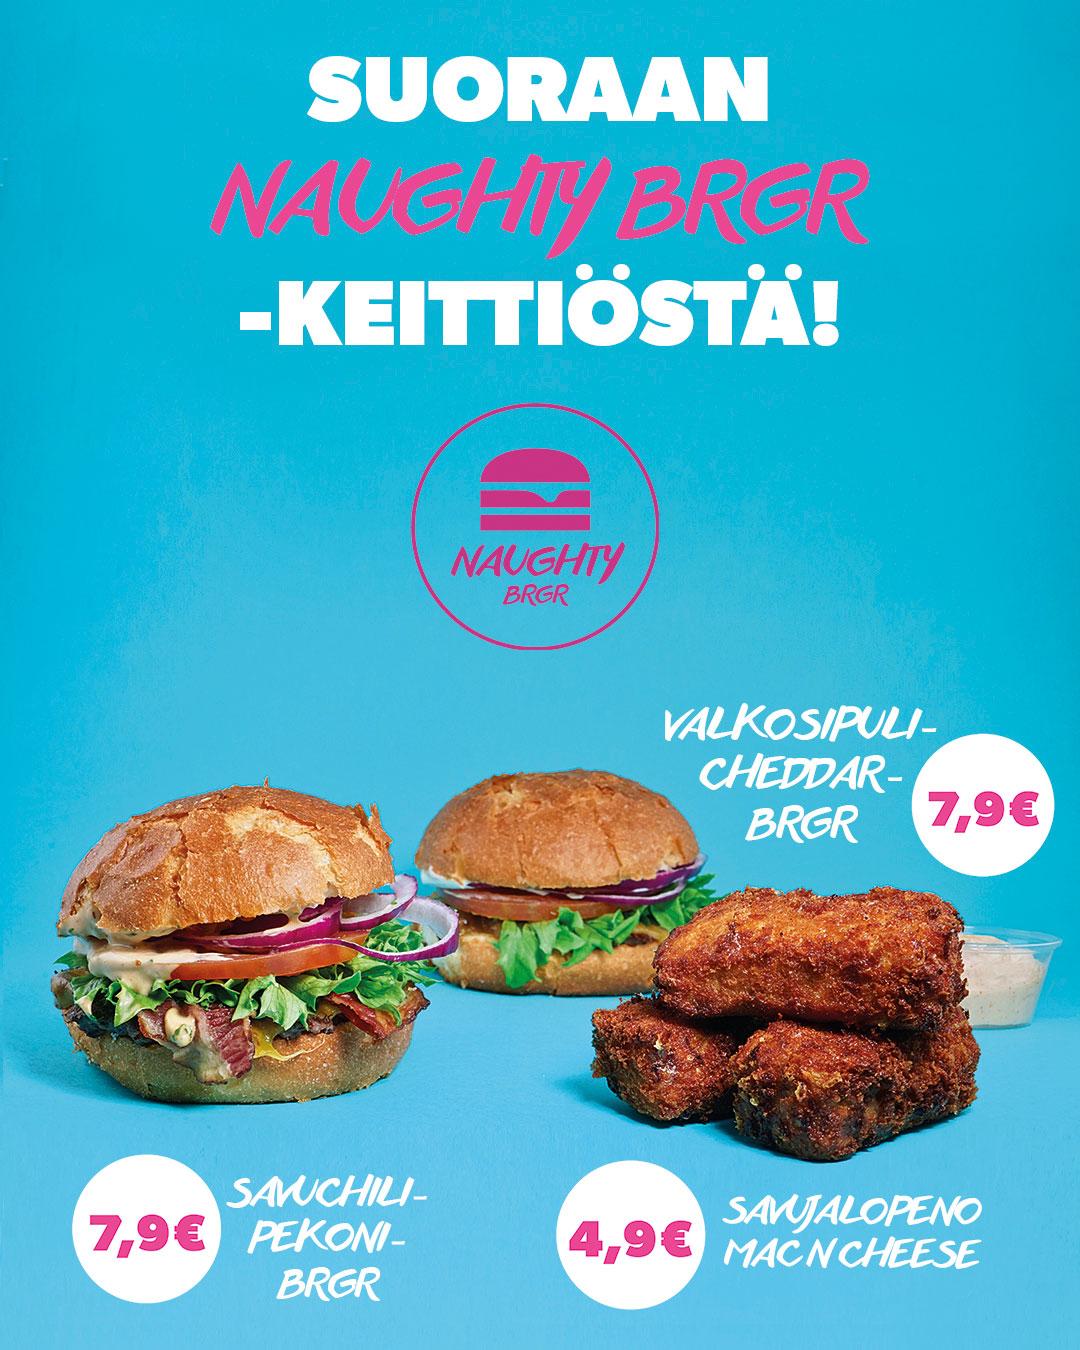 Naughty Brgr Helsinki Menu